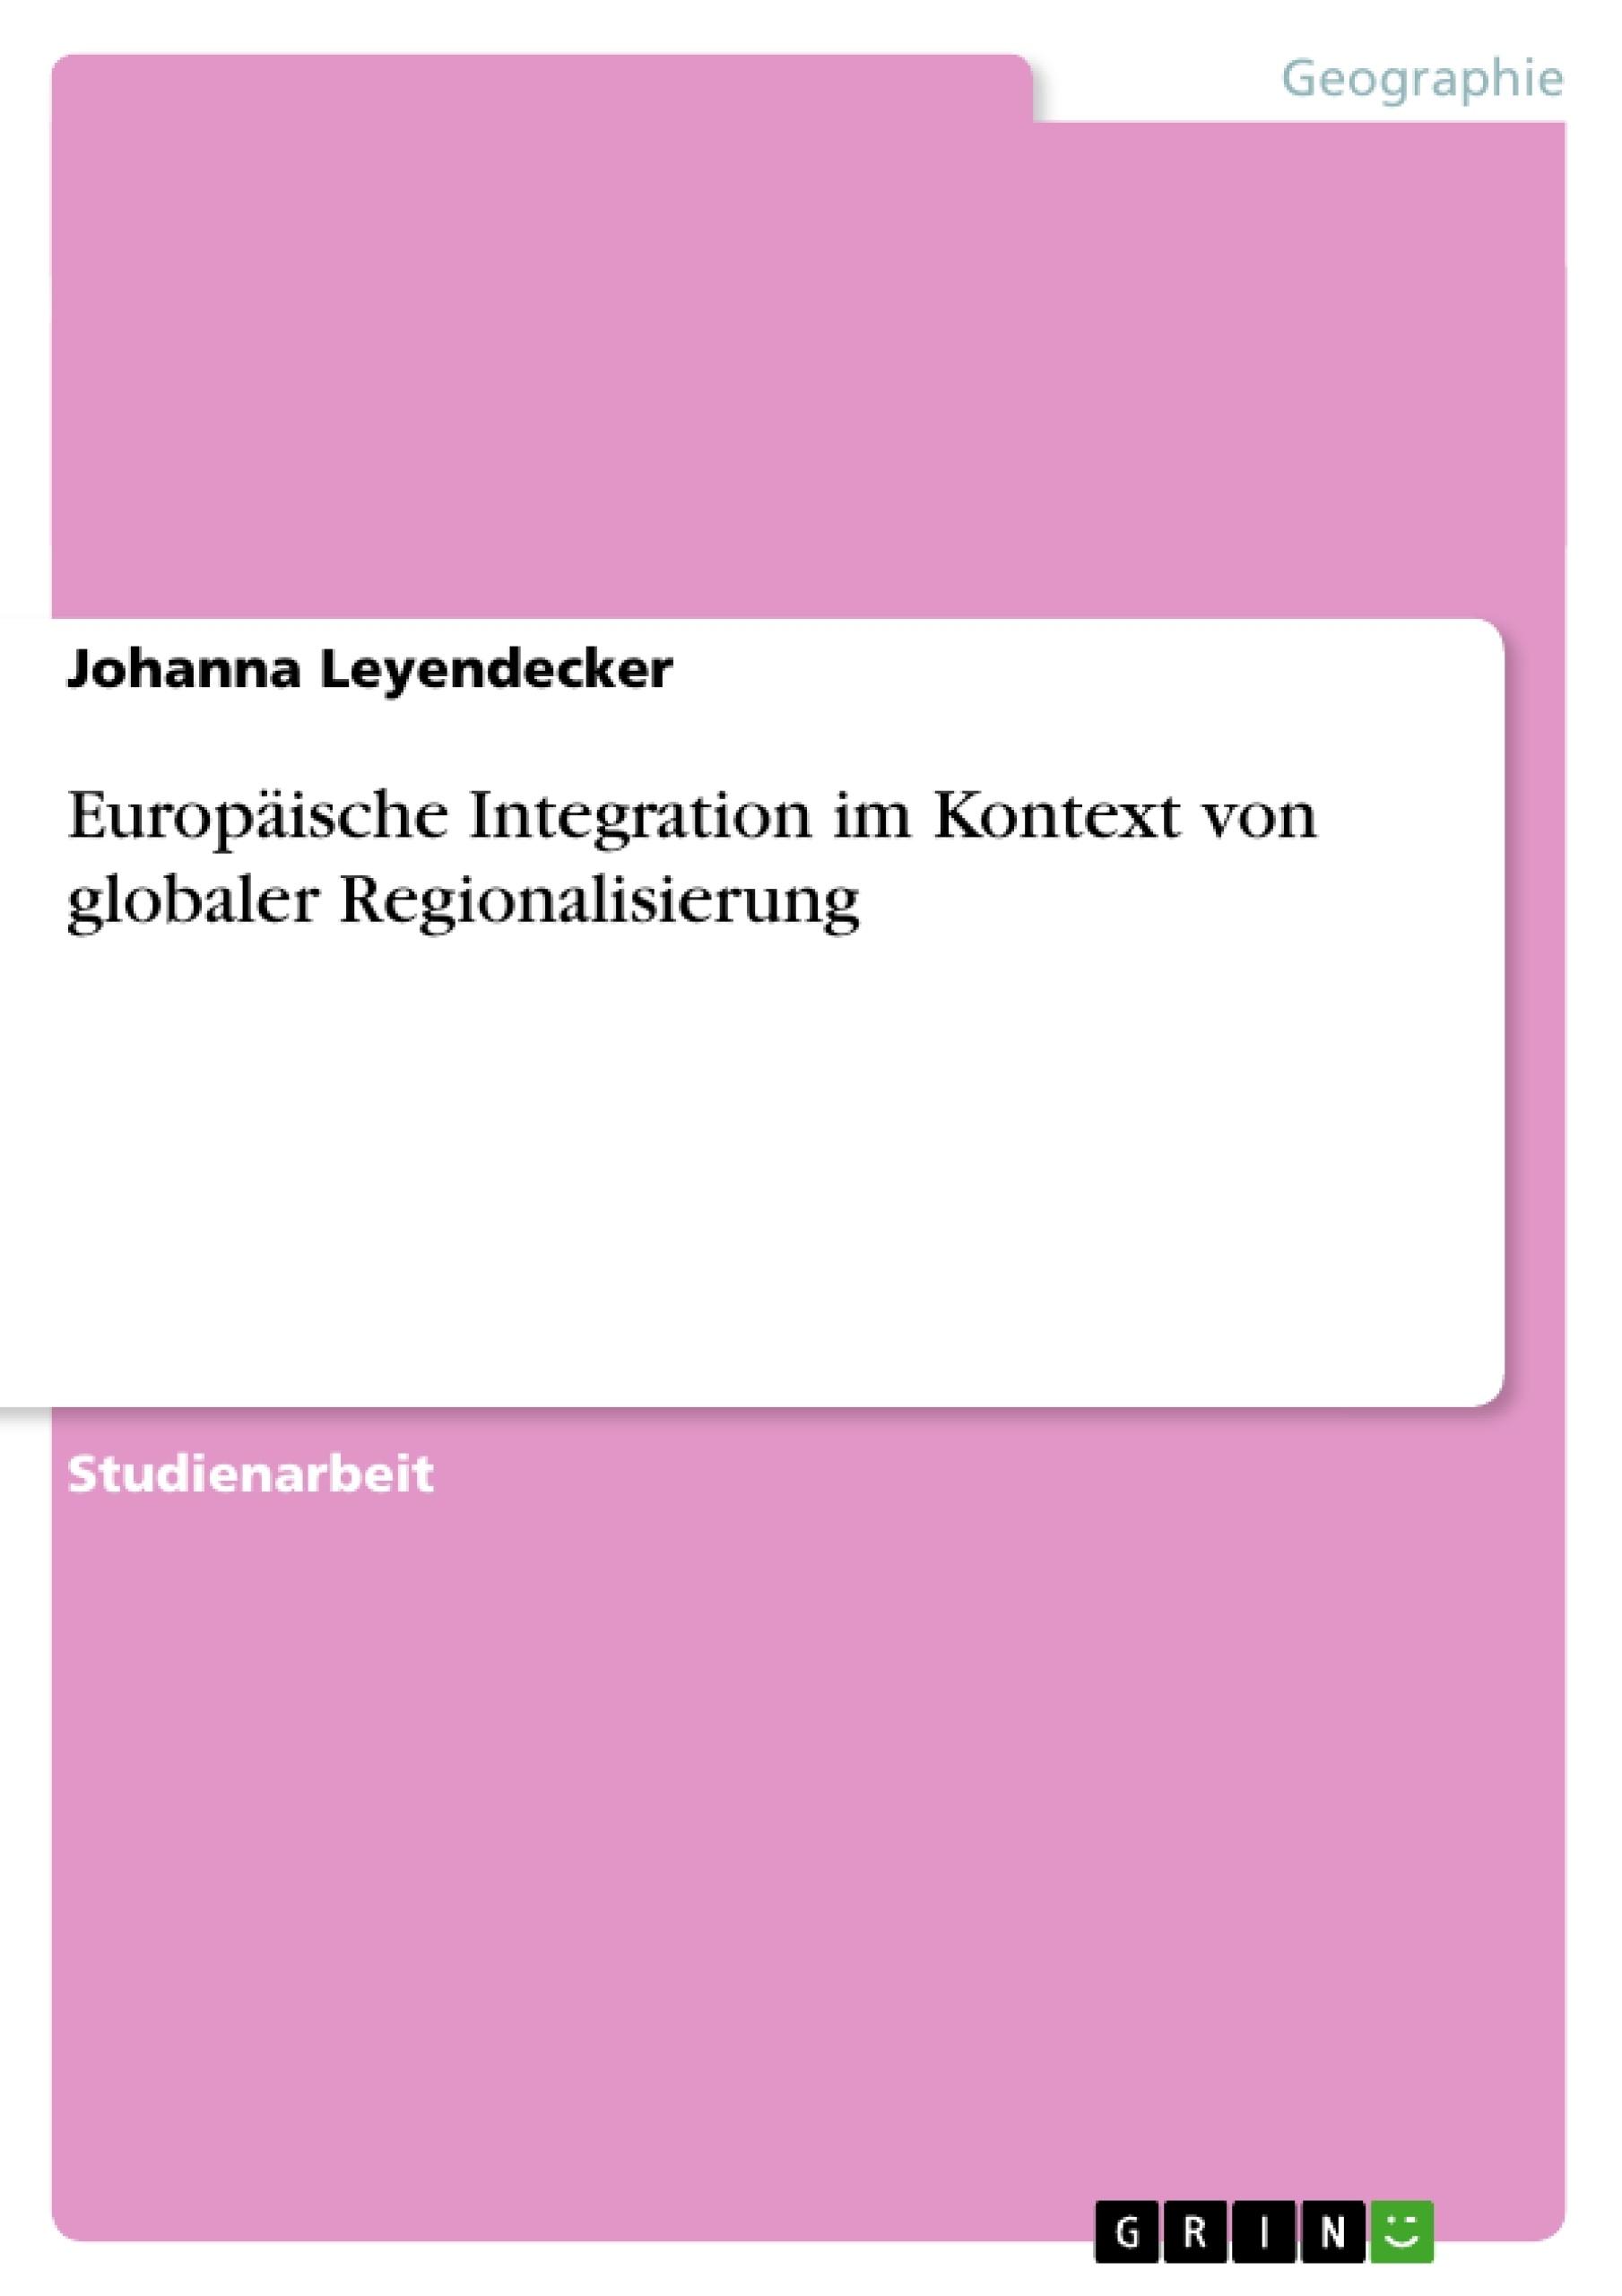 Titel: Europäische Integration im Kontext von globaler Regionalisierung